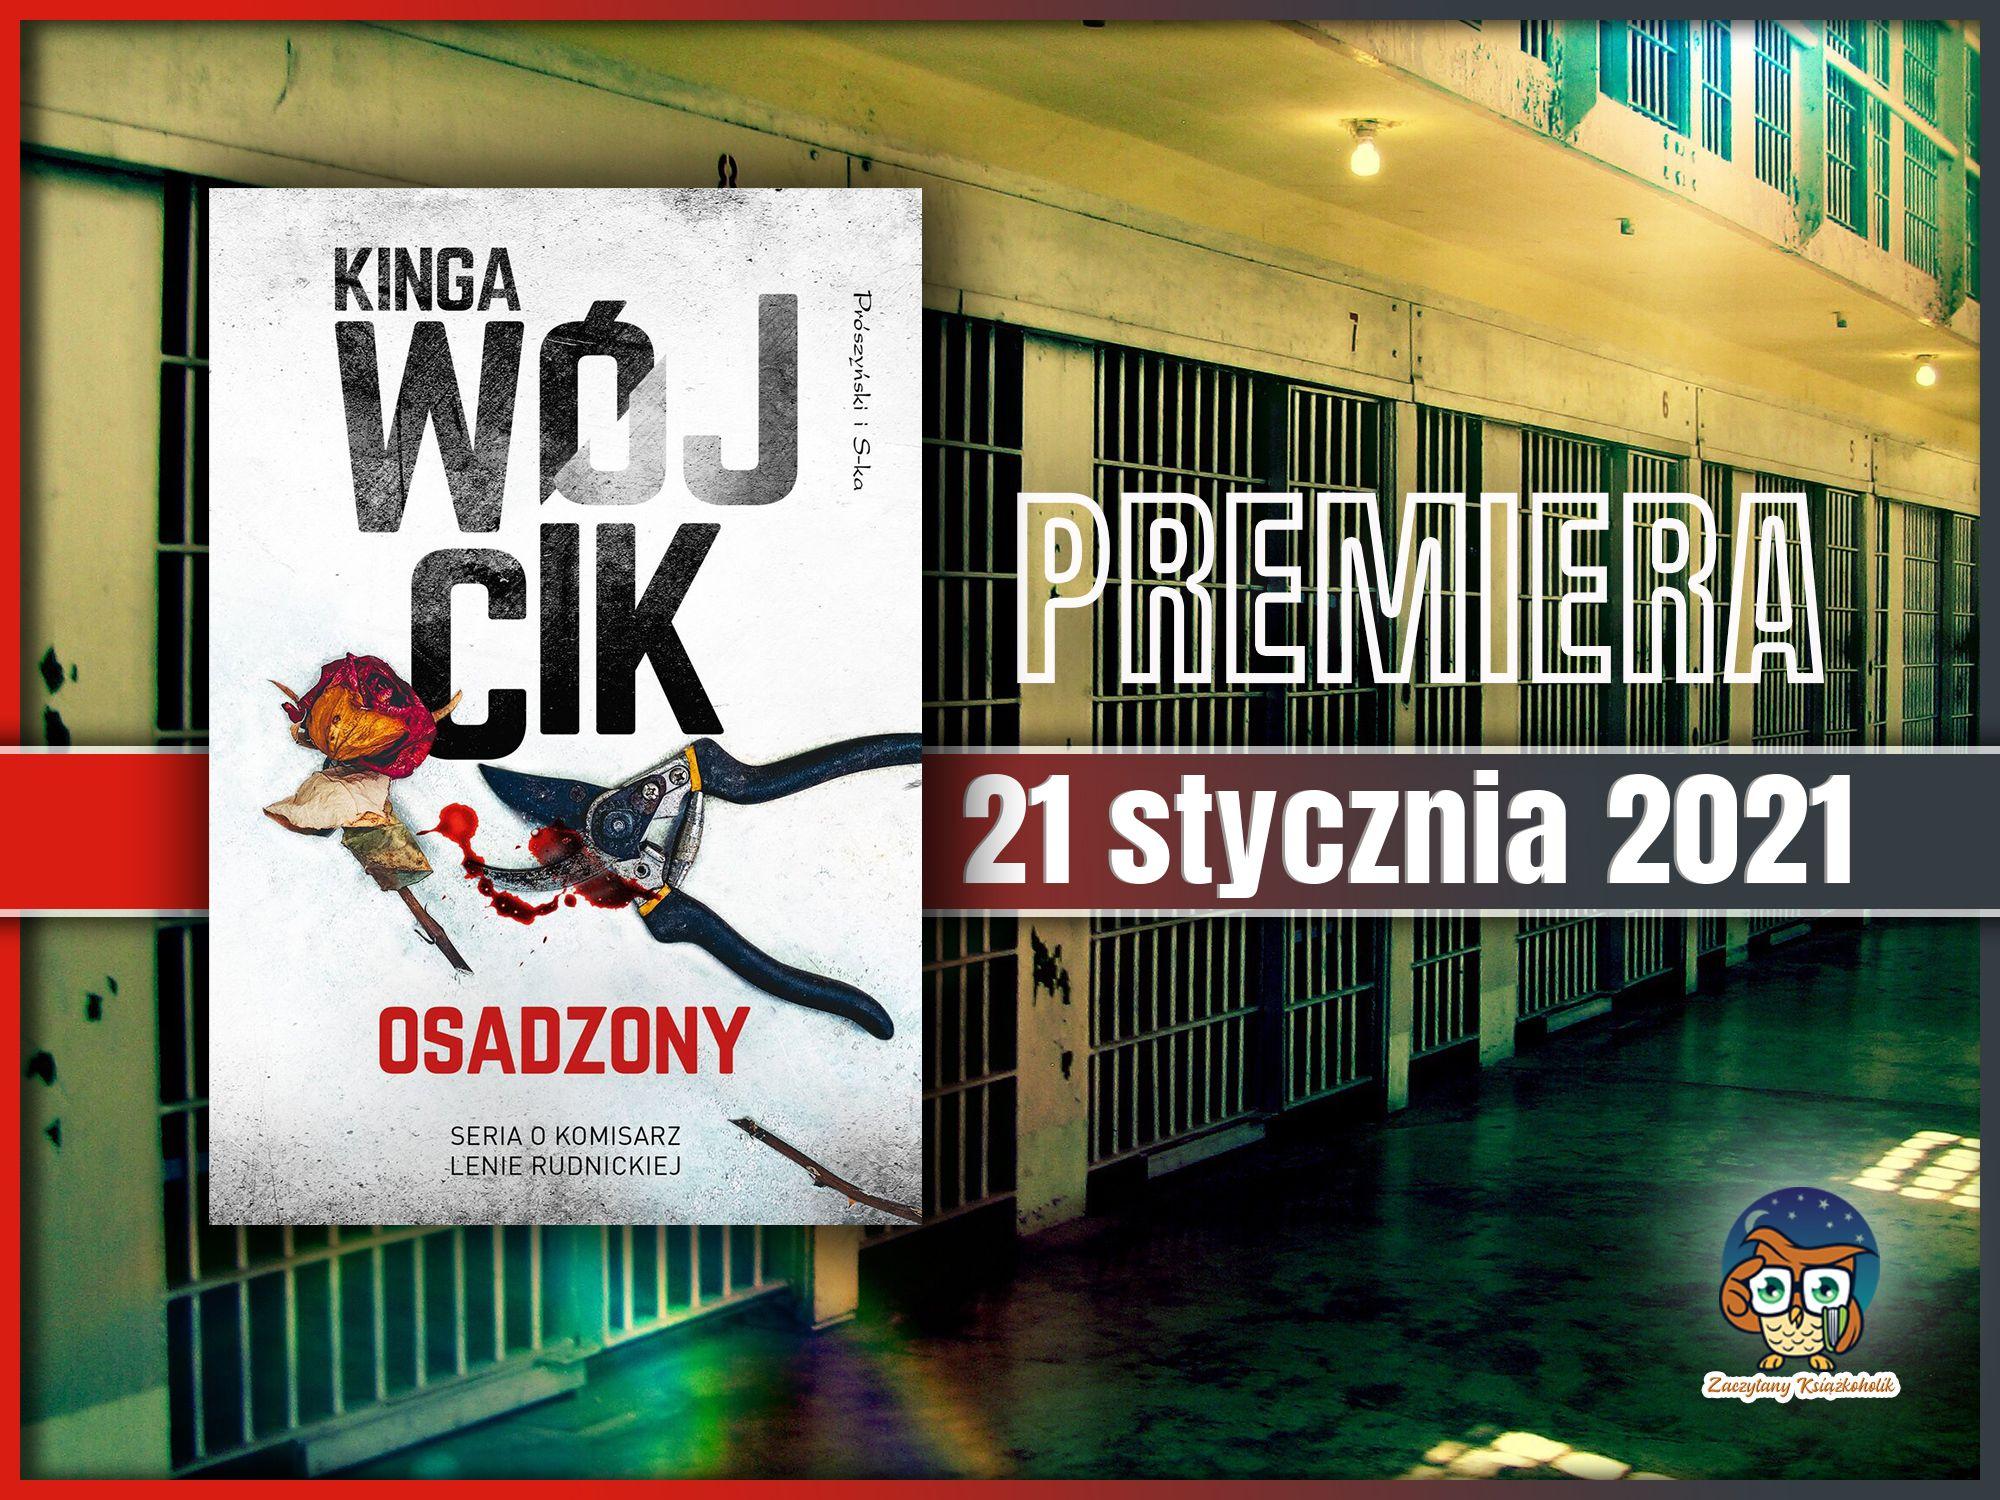 Kinga Wójcik, osadzony, zaczytanyksiazkoholik.pl